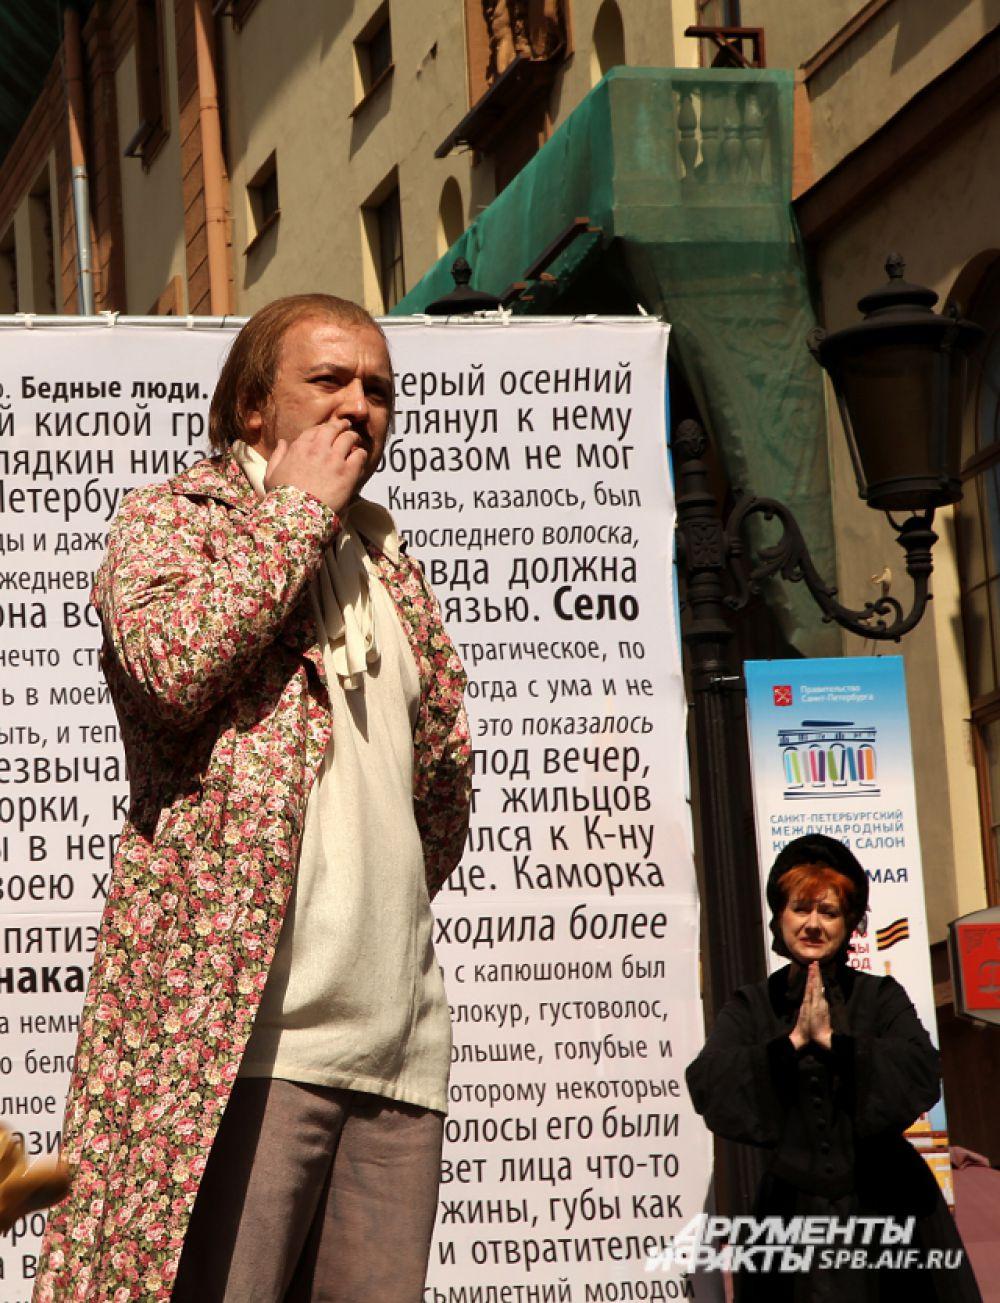 Повесть «Село Степанчиково и его обитатели». Фома Опискин - Денис Пьянов.